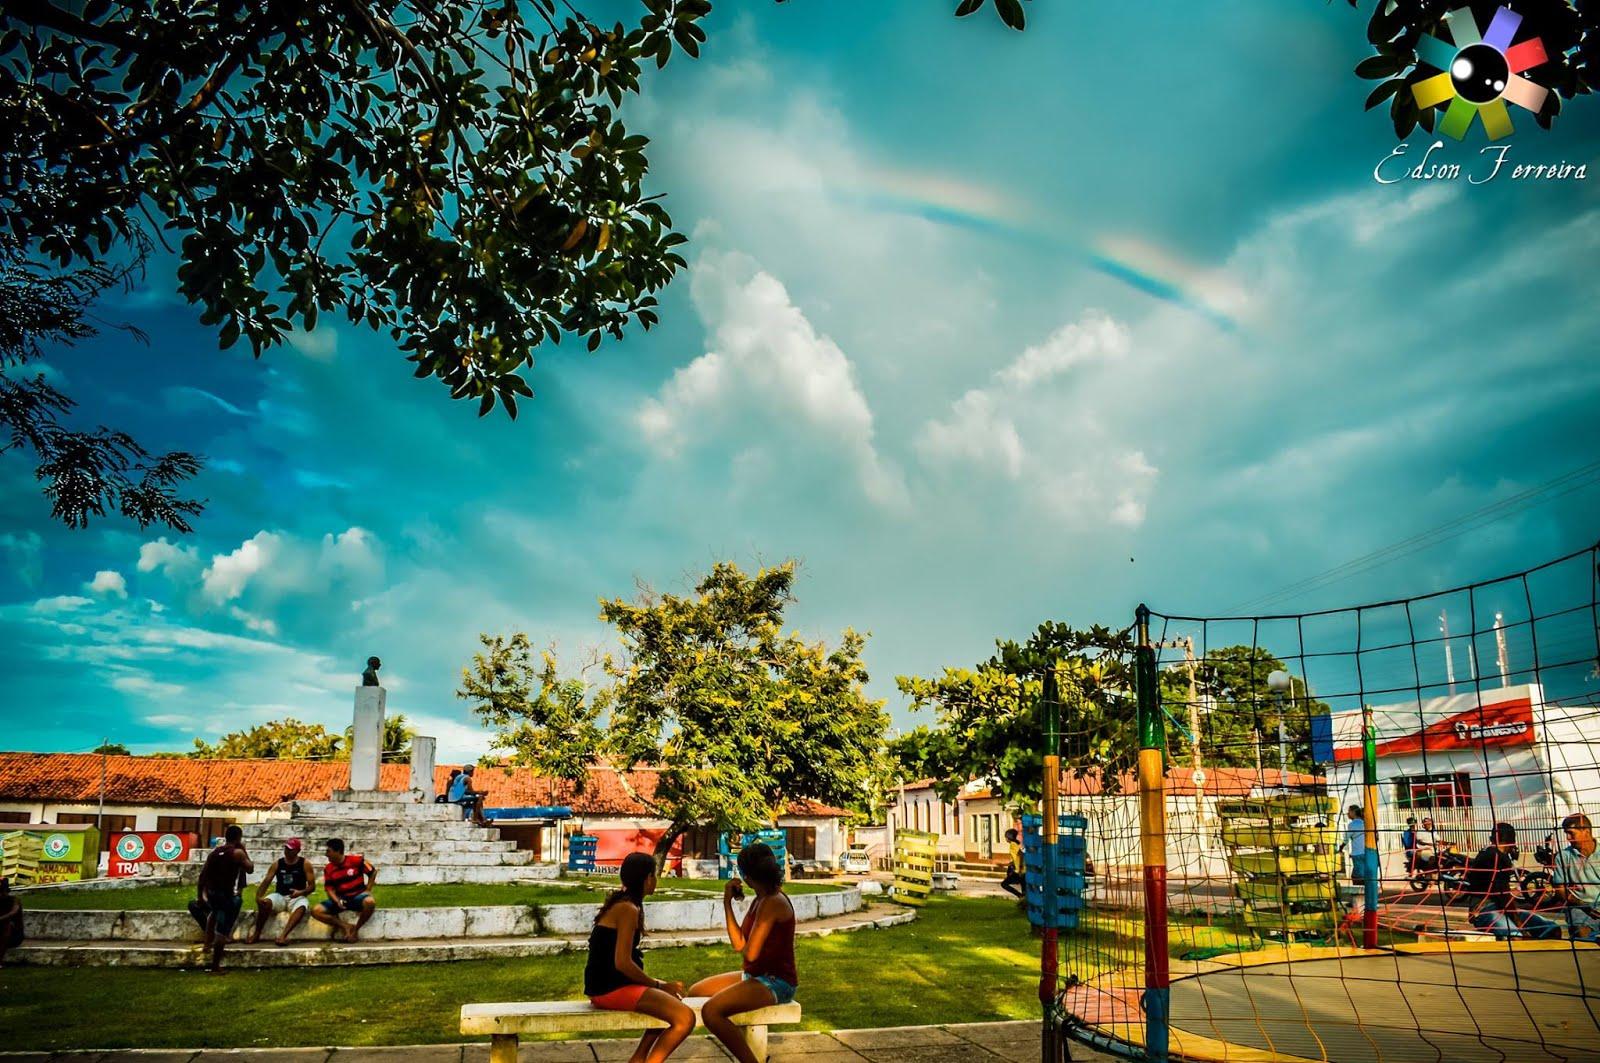 Praça Carlos Reis São Bento Maranhão